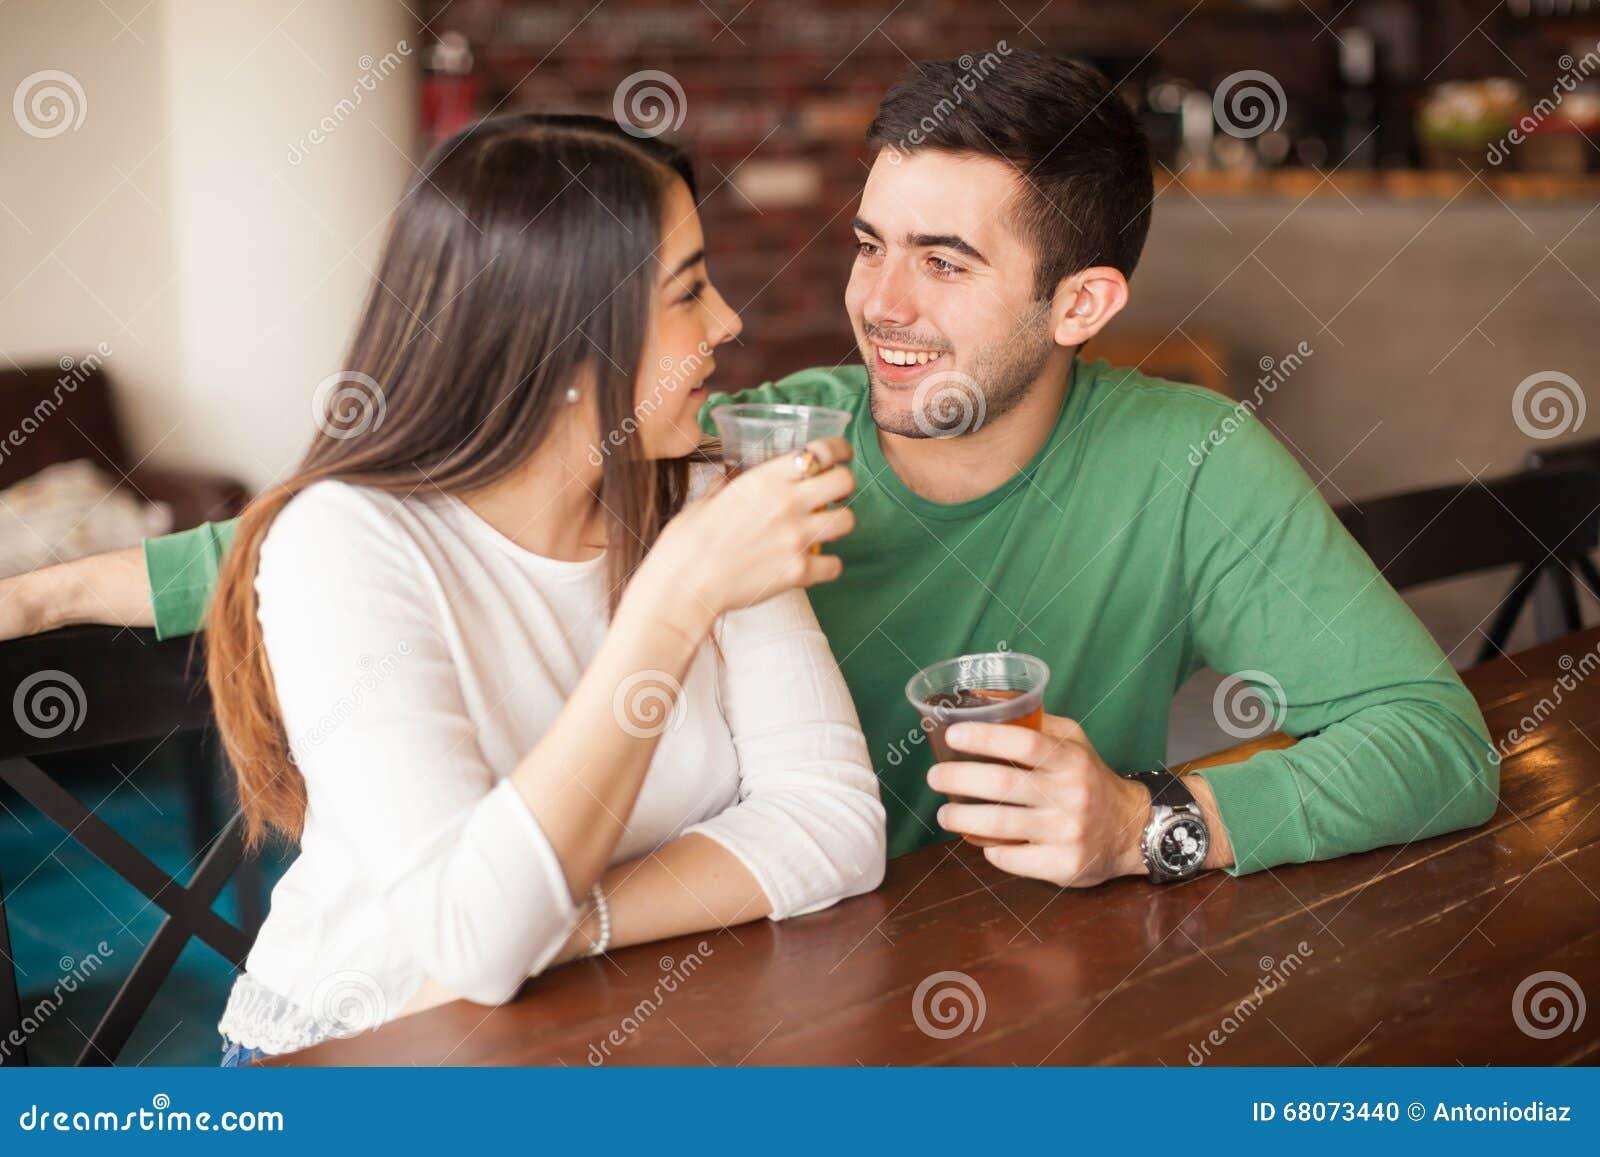 Datierung flirty guy